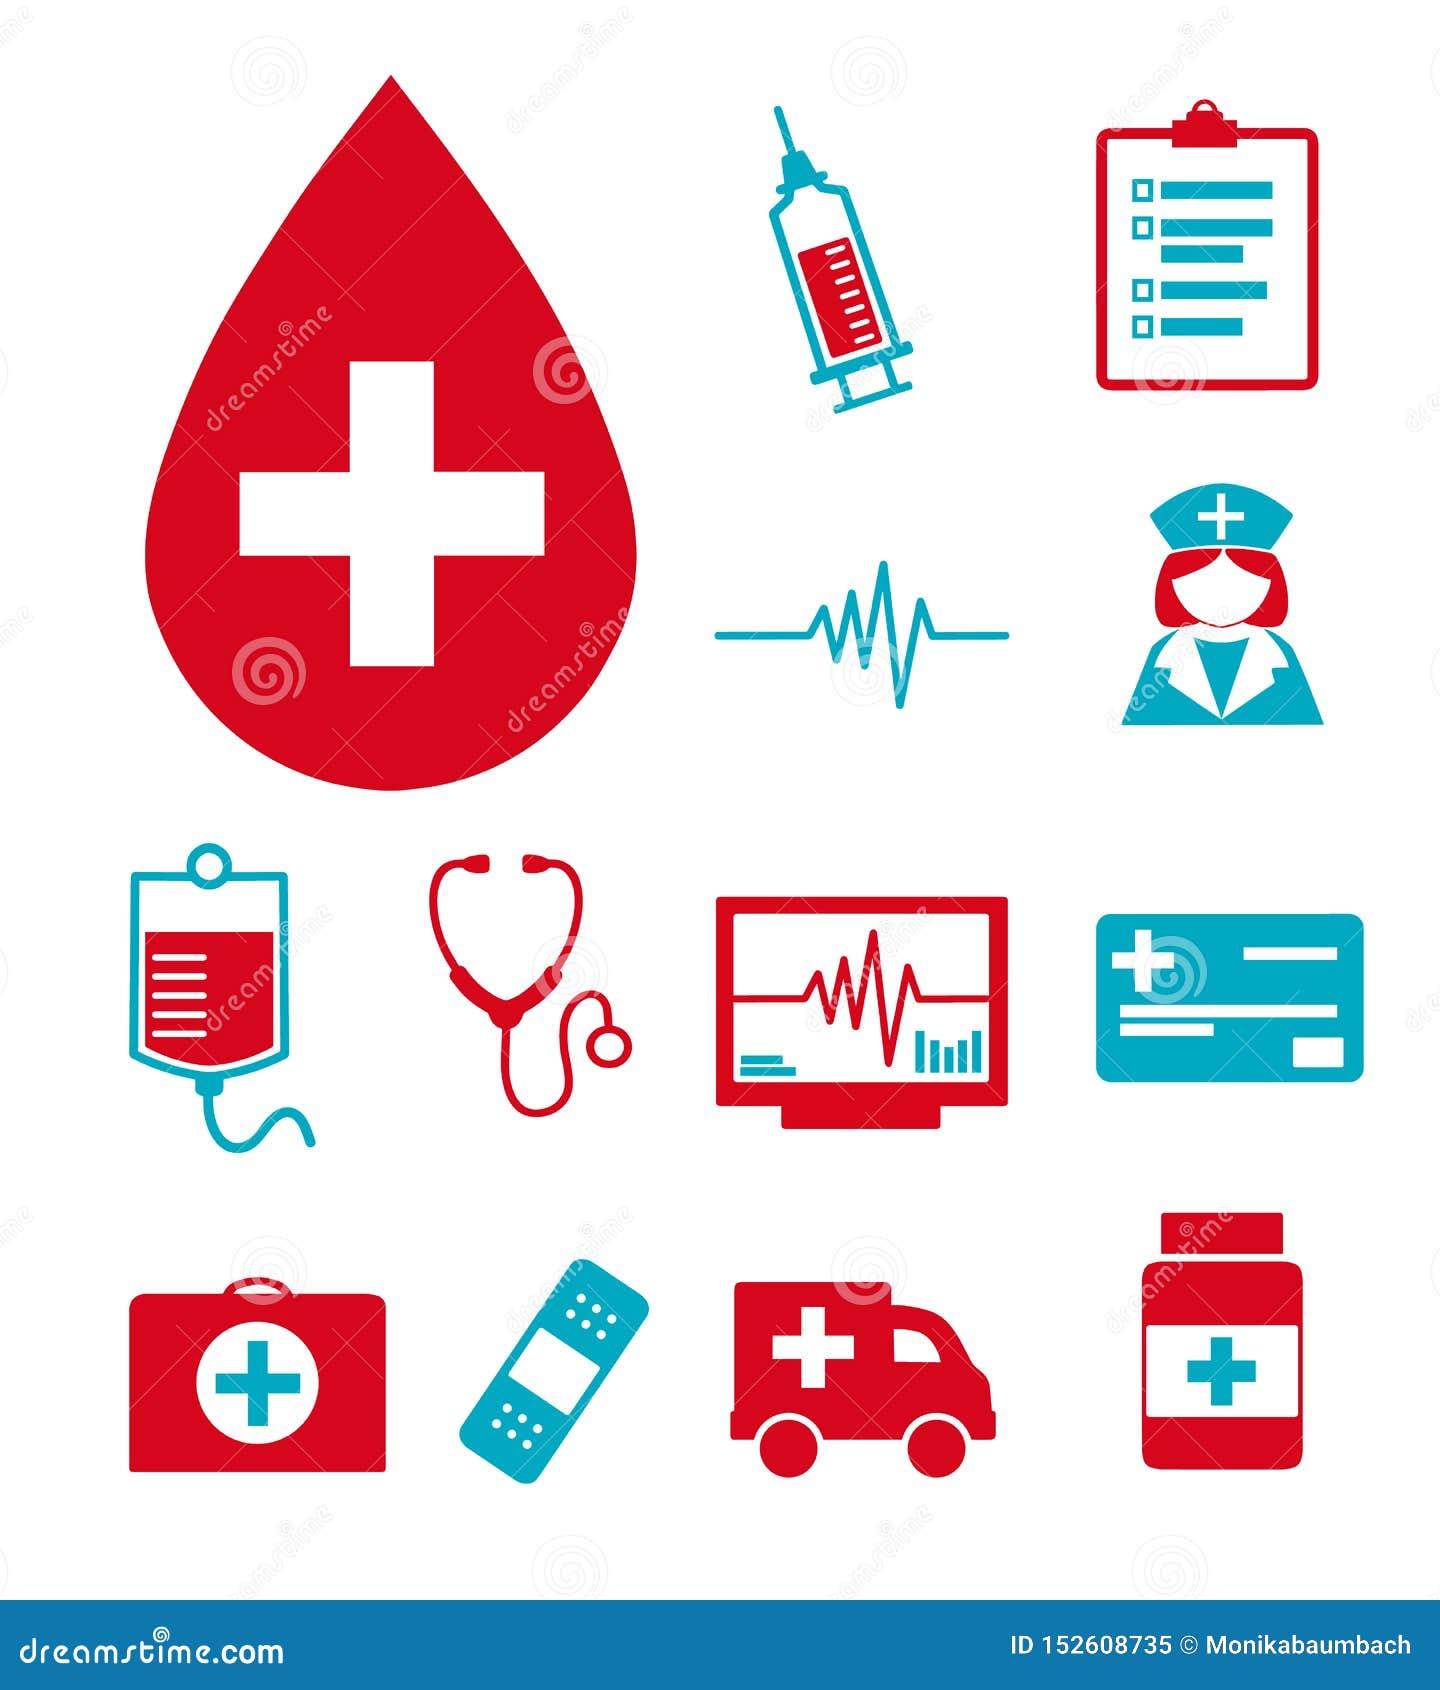 Wektorowe medyczne ikony ustawiać dla tworzyć infographics odnosić sie zdrowie i medycyna, jak krwi kropla, schowek, pielęgniarka